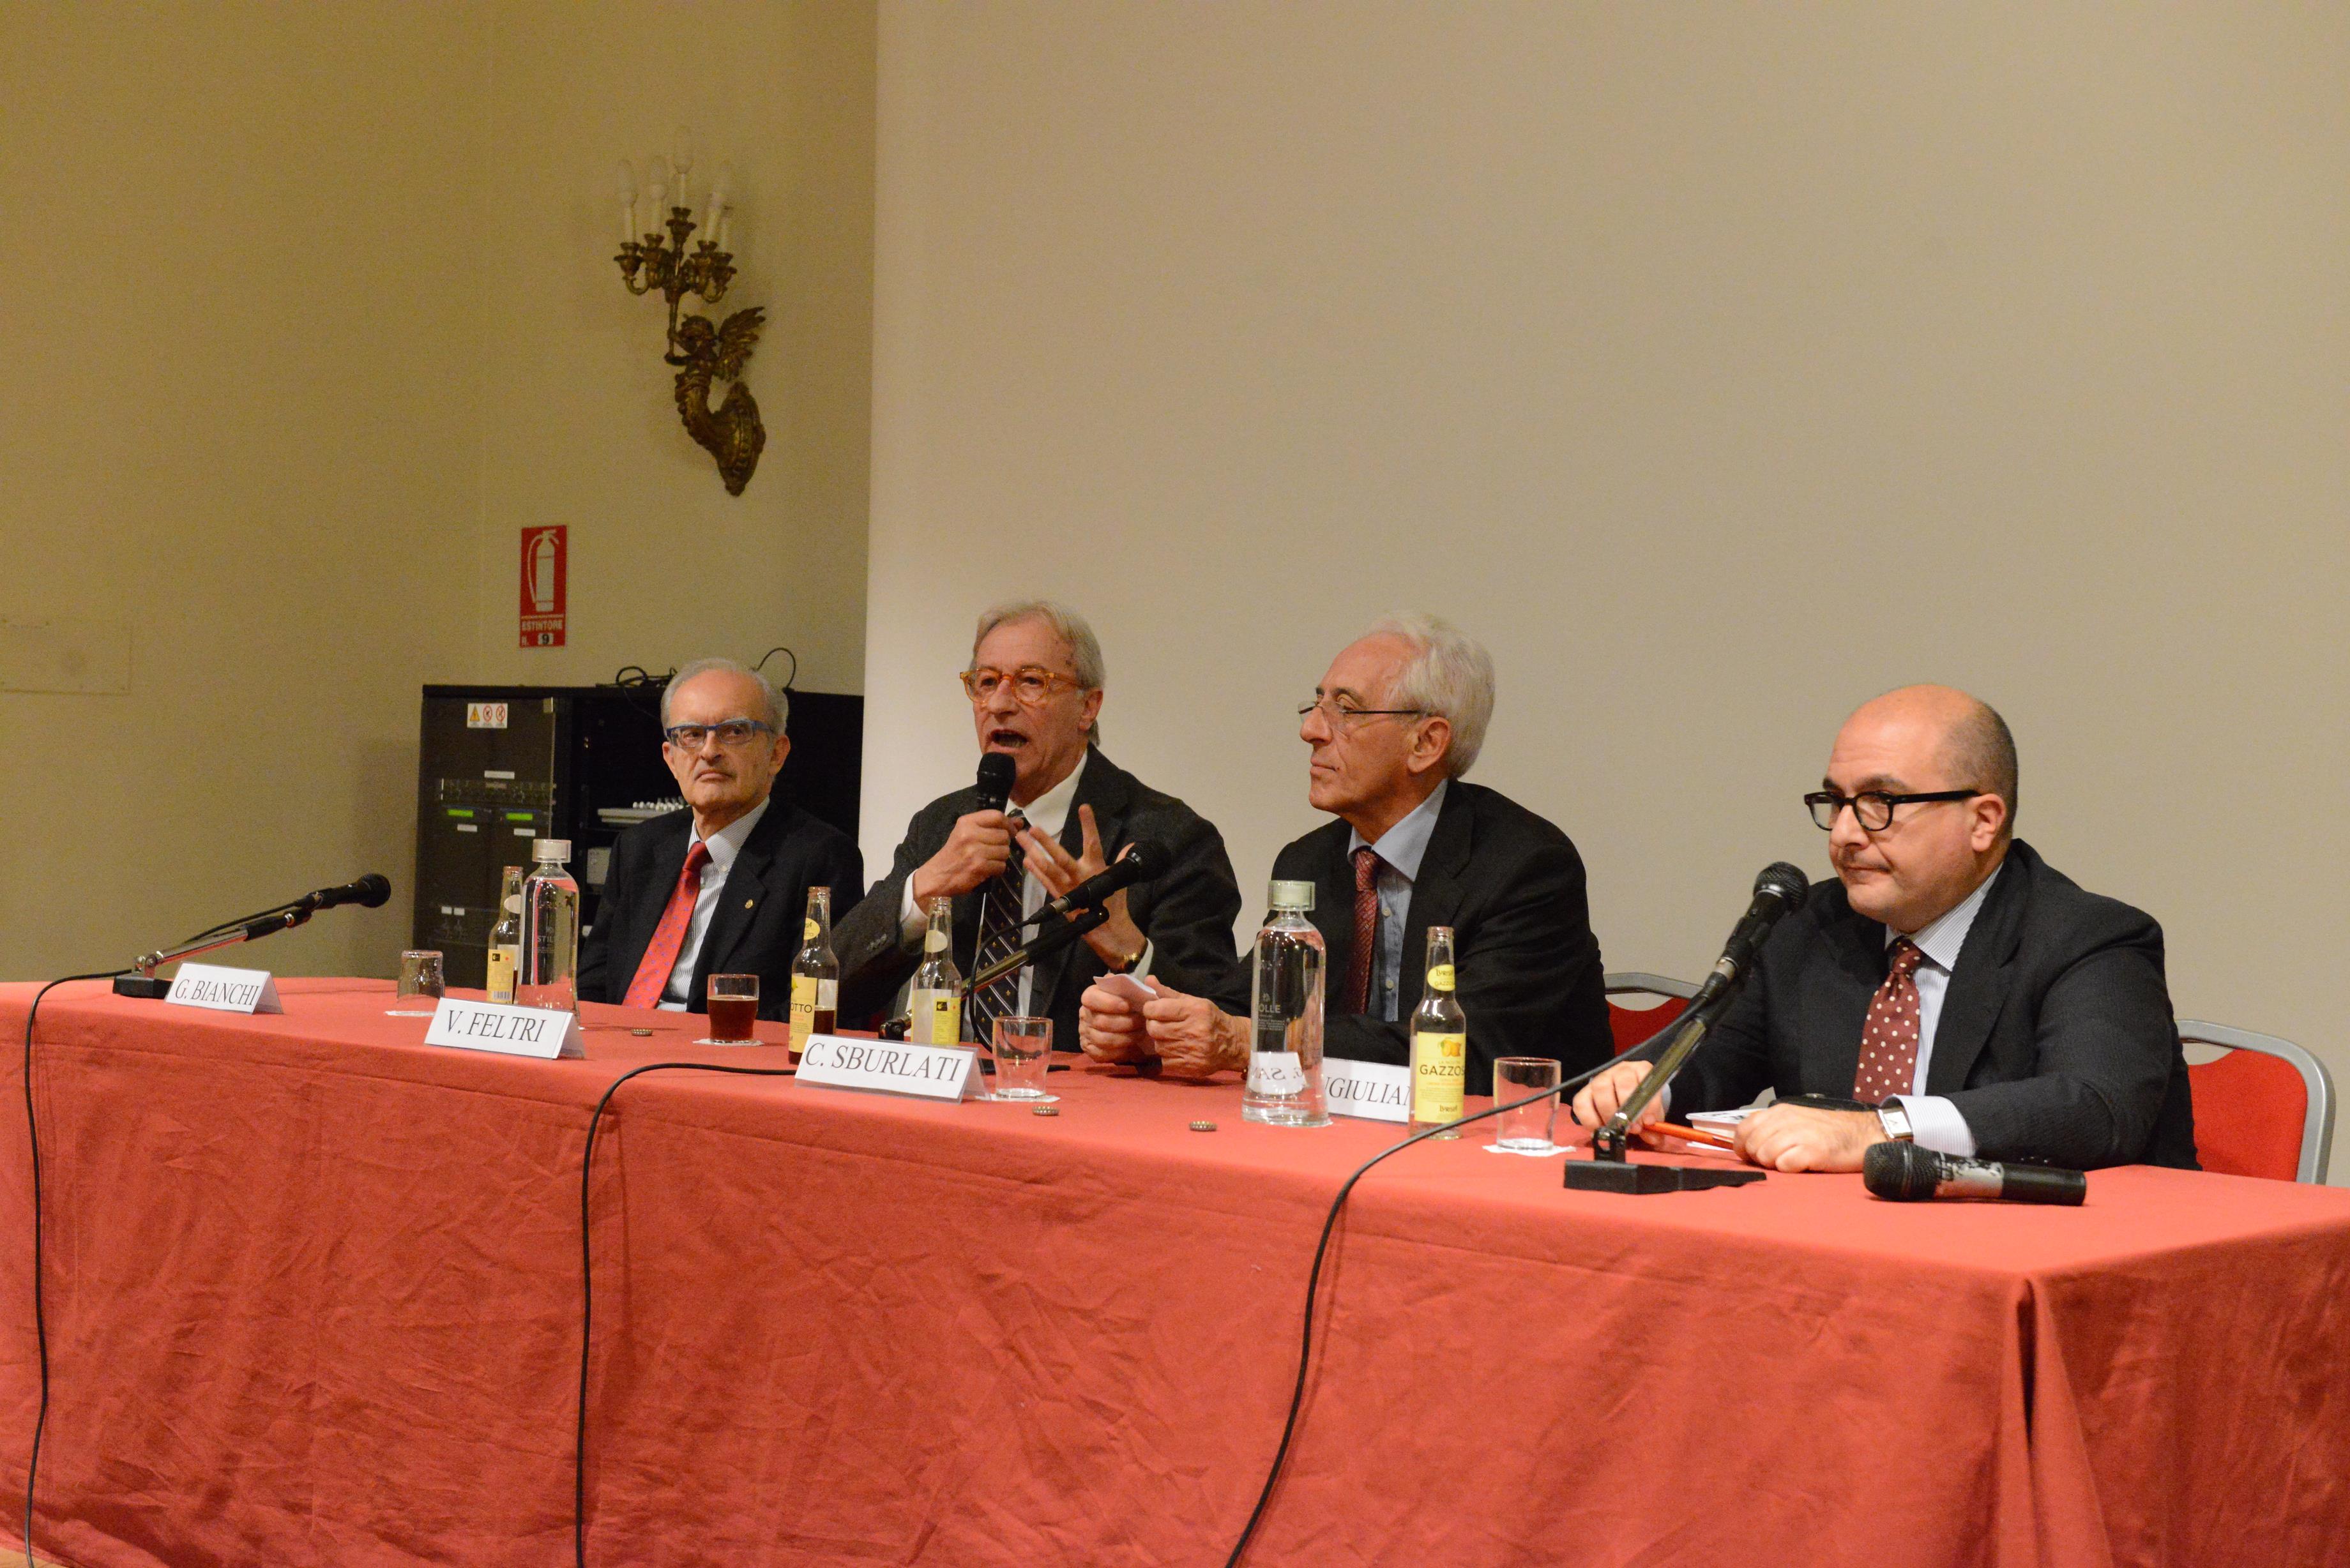 1 - vittorio-feltri-e-gennaro-sangiuliano-presentano-una-repubblica-senza-patria-115